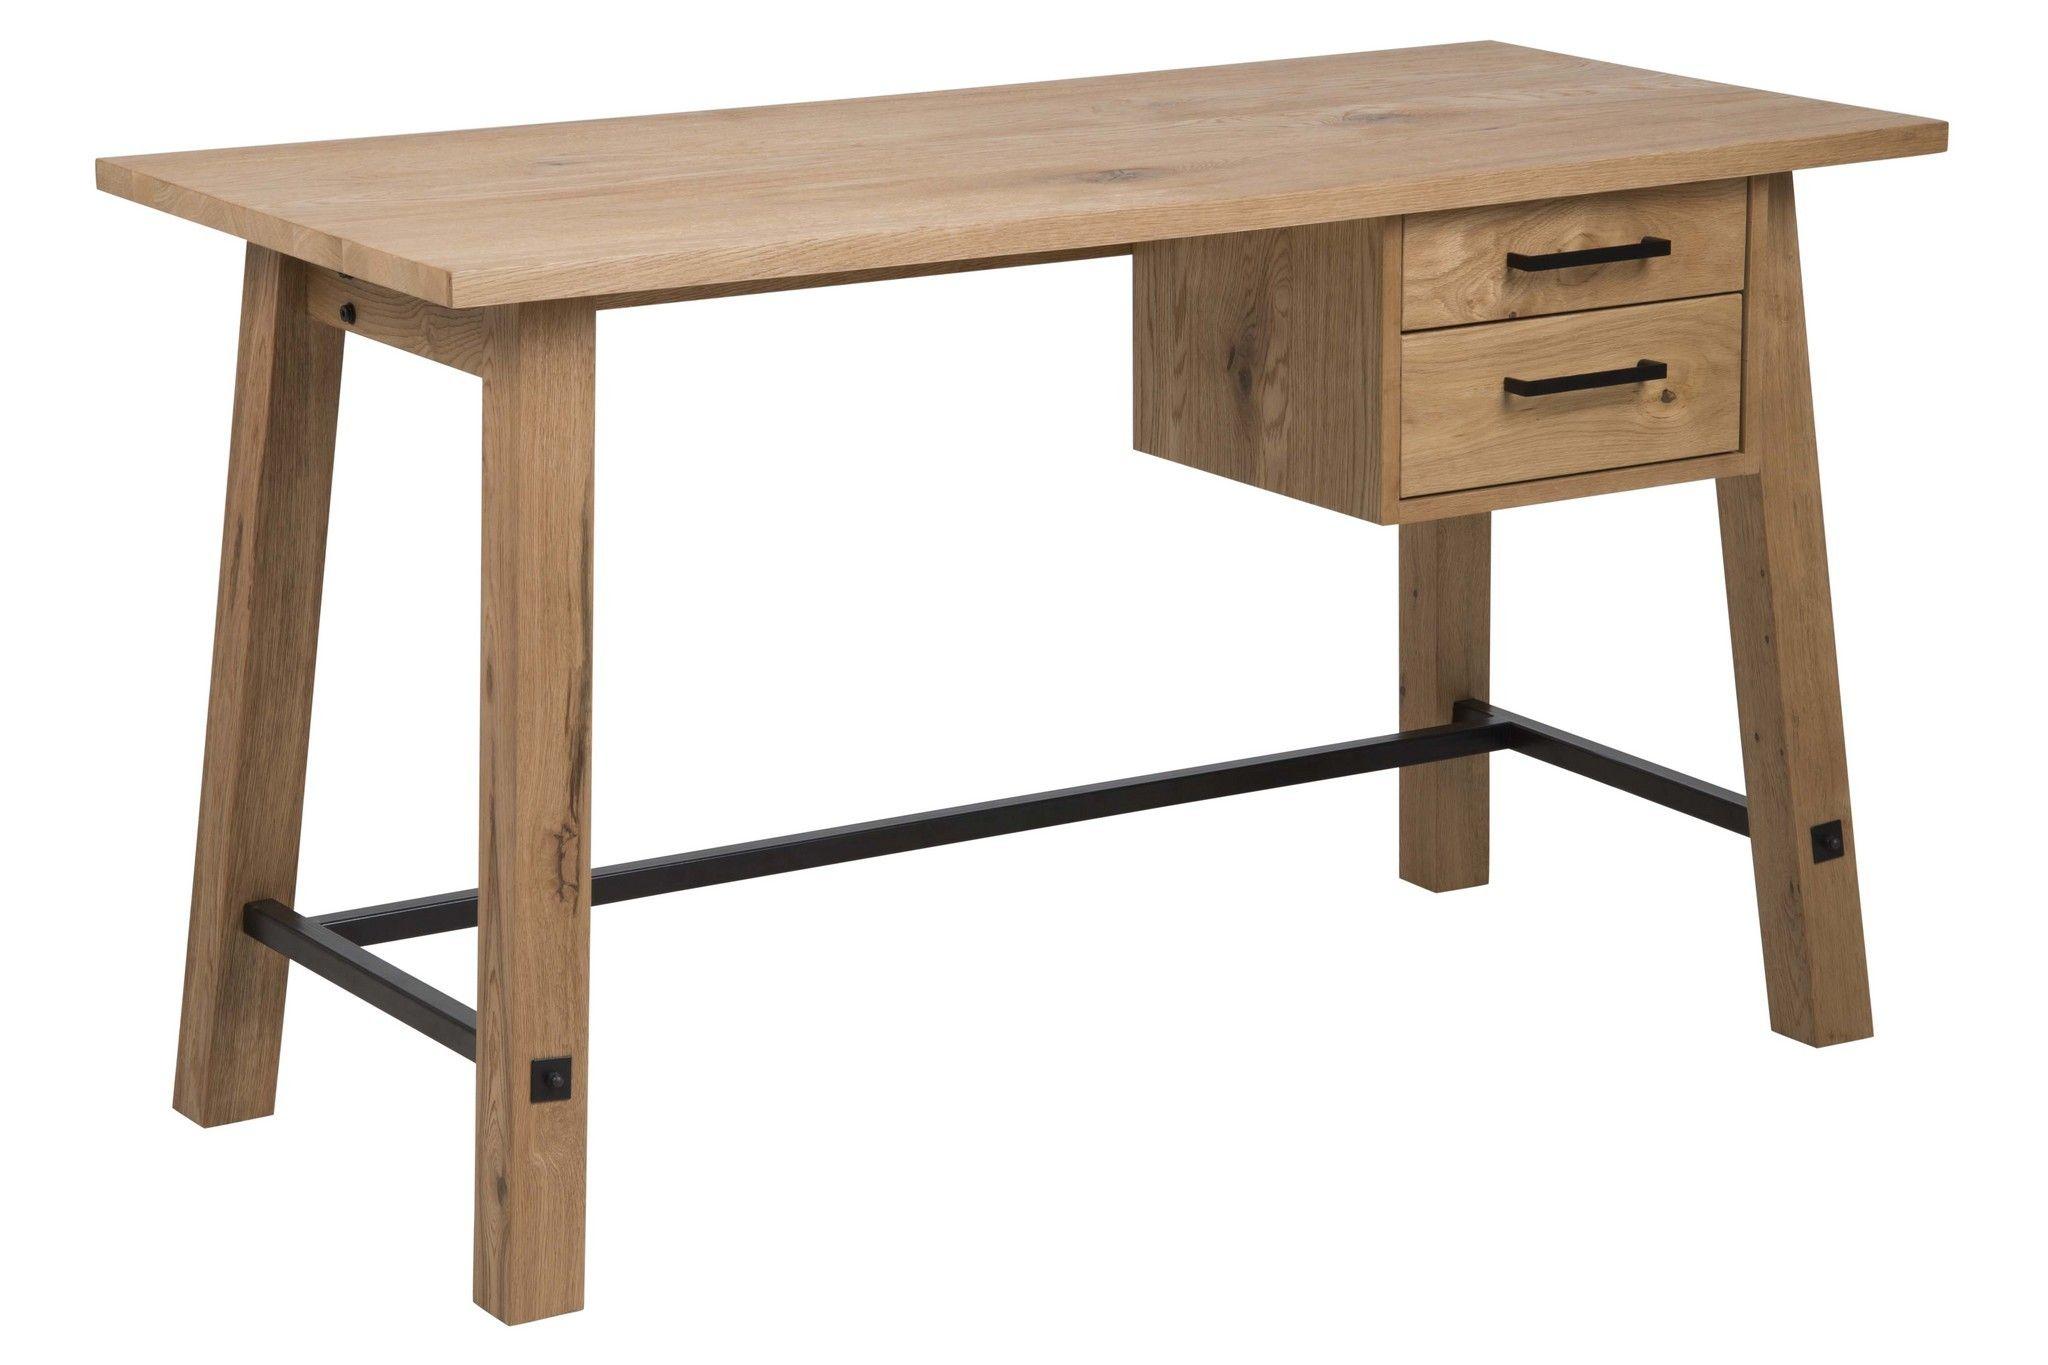 de1299310b46bf3d447c52e1a9e4507c Impressionnant De Table Basse Opium Conception